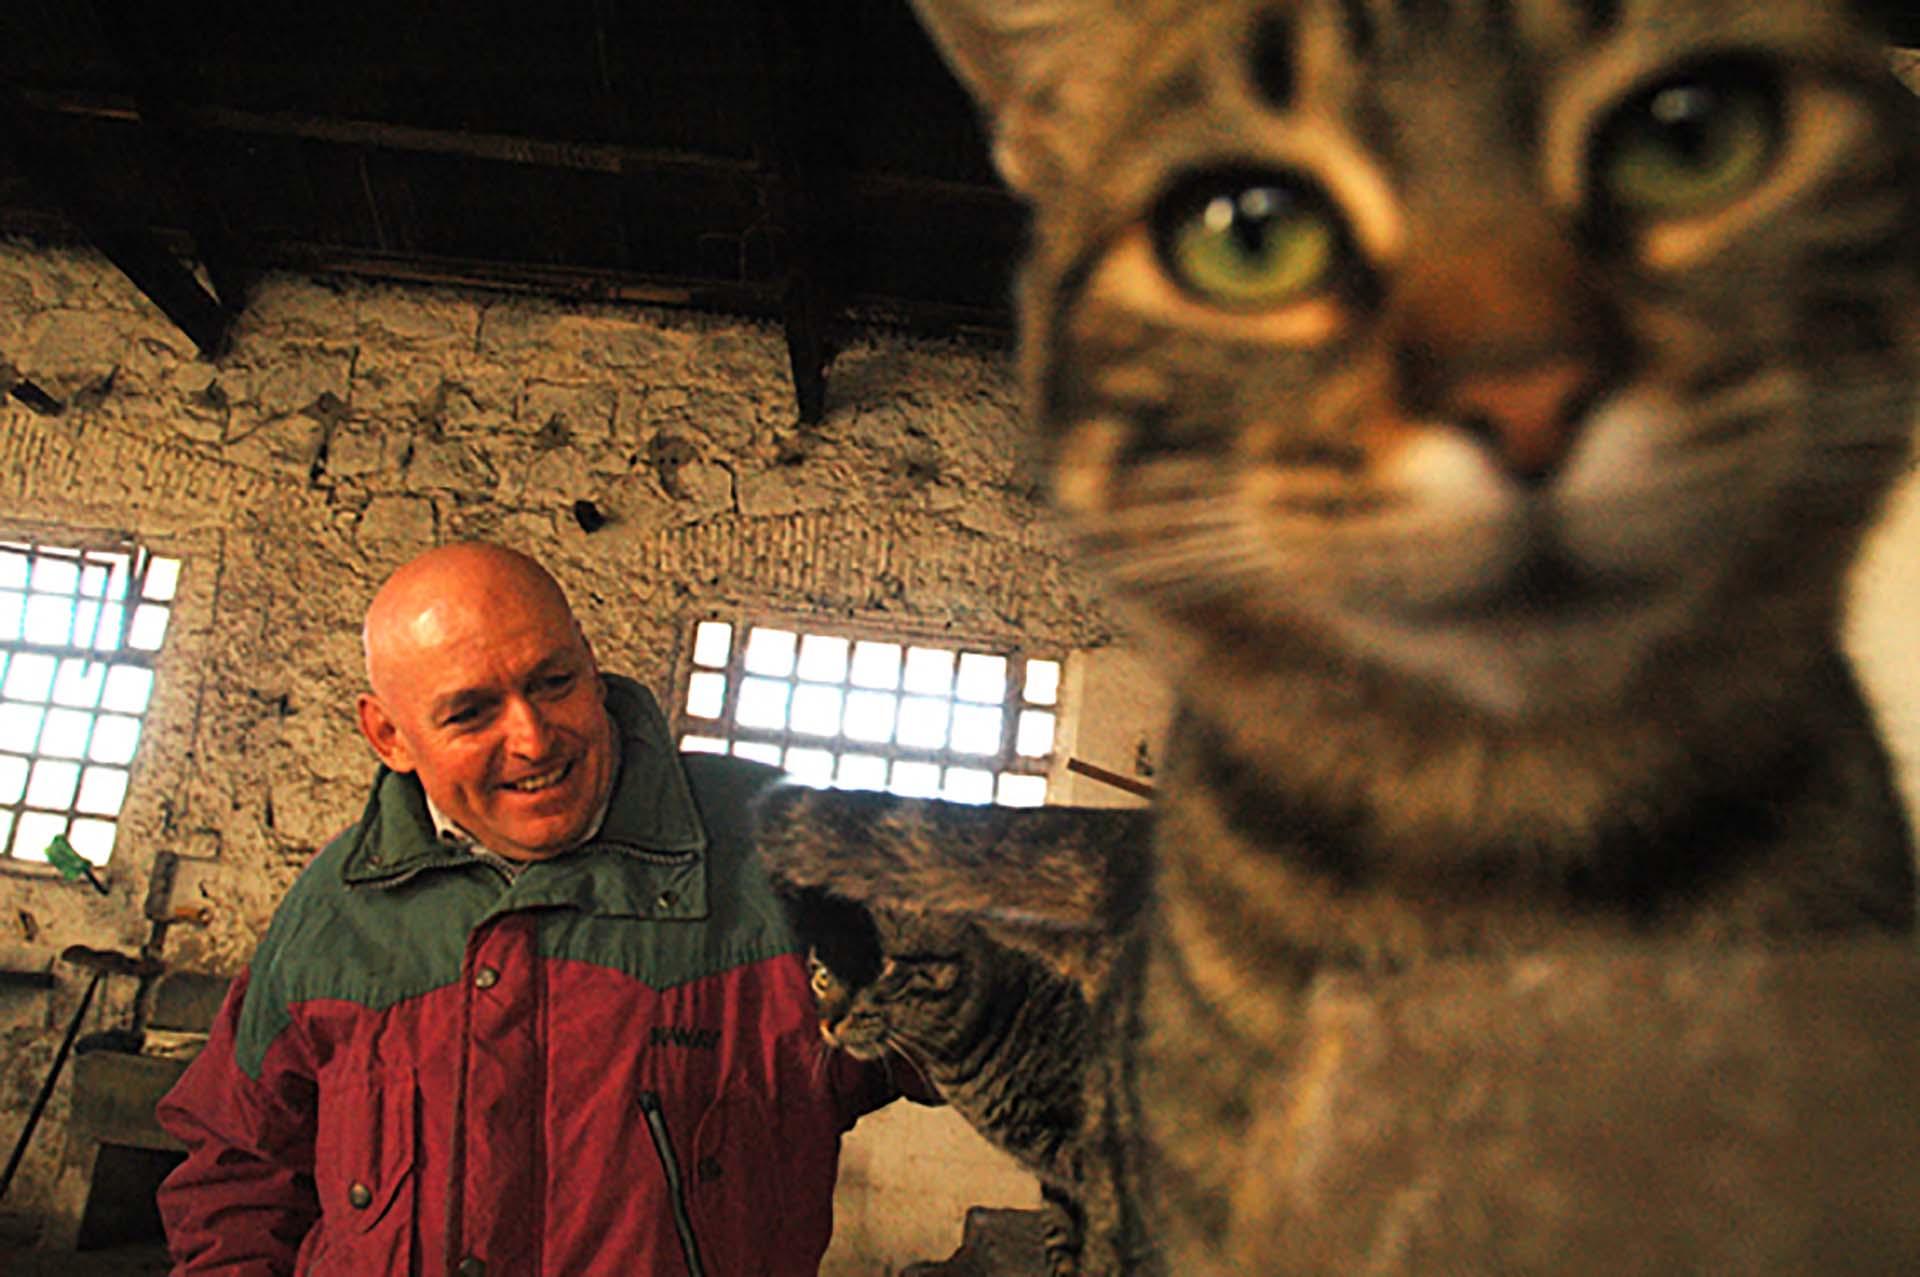 Robledo Puch en la cárcel de Sierra Chica (Foto: Diego Sandstede, Editorial Random House Mondadori)